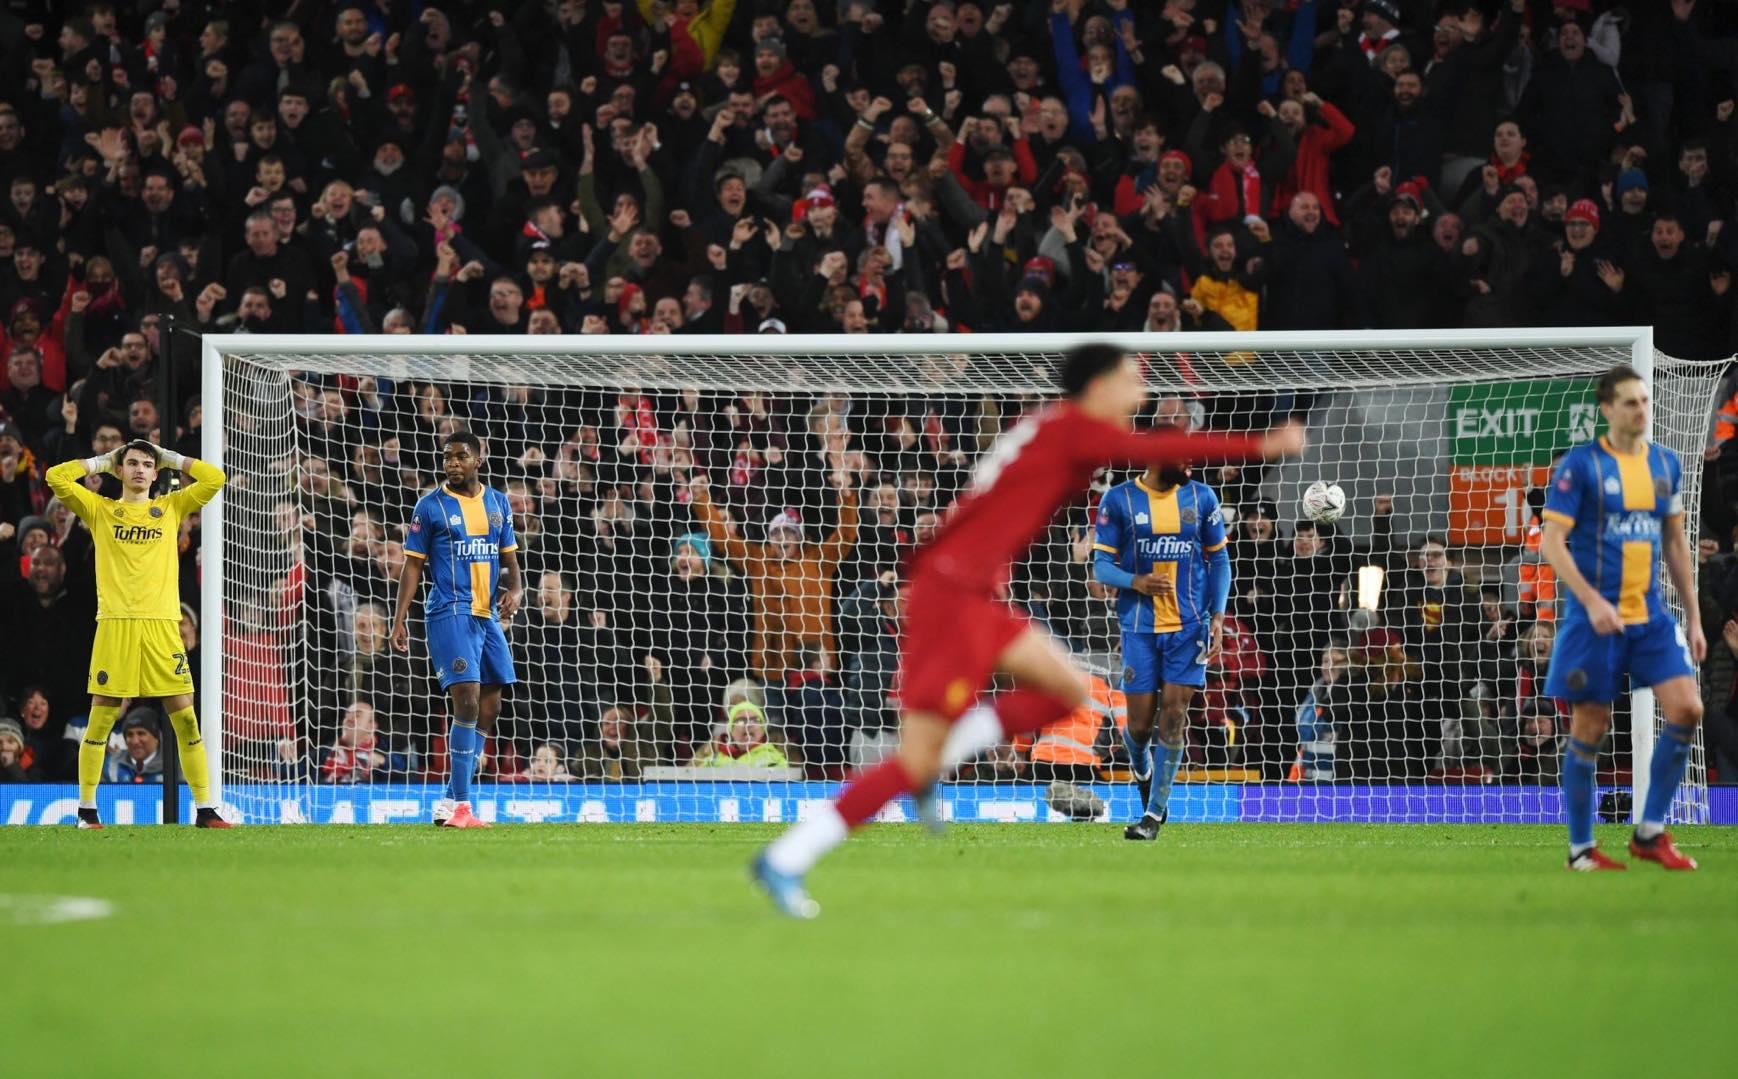 魔鬼主场!利物浦在安菲尔德连续40场不败,近7场0丢球